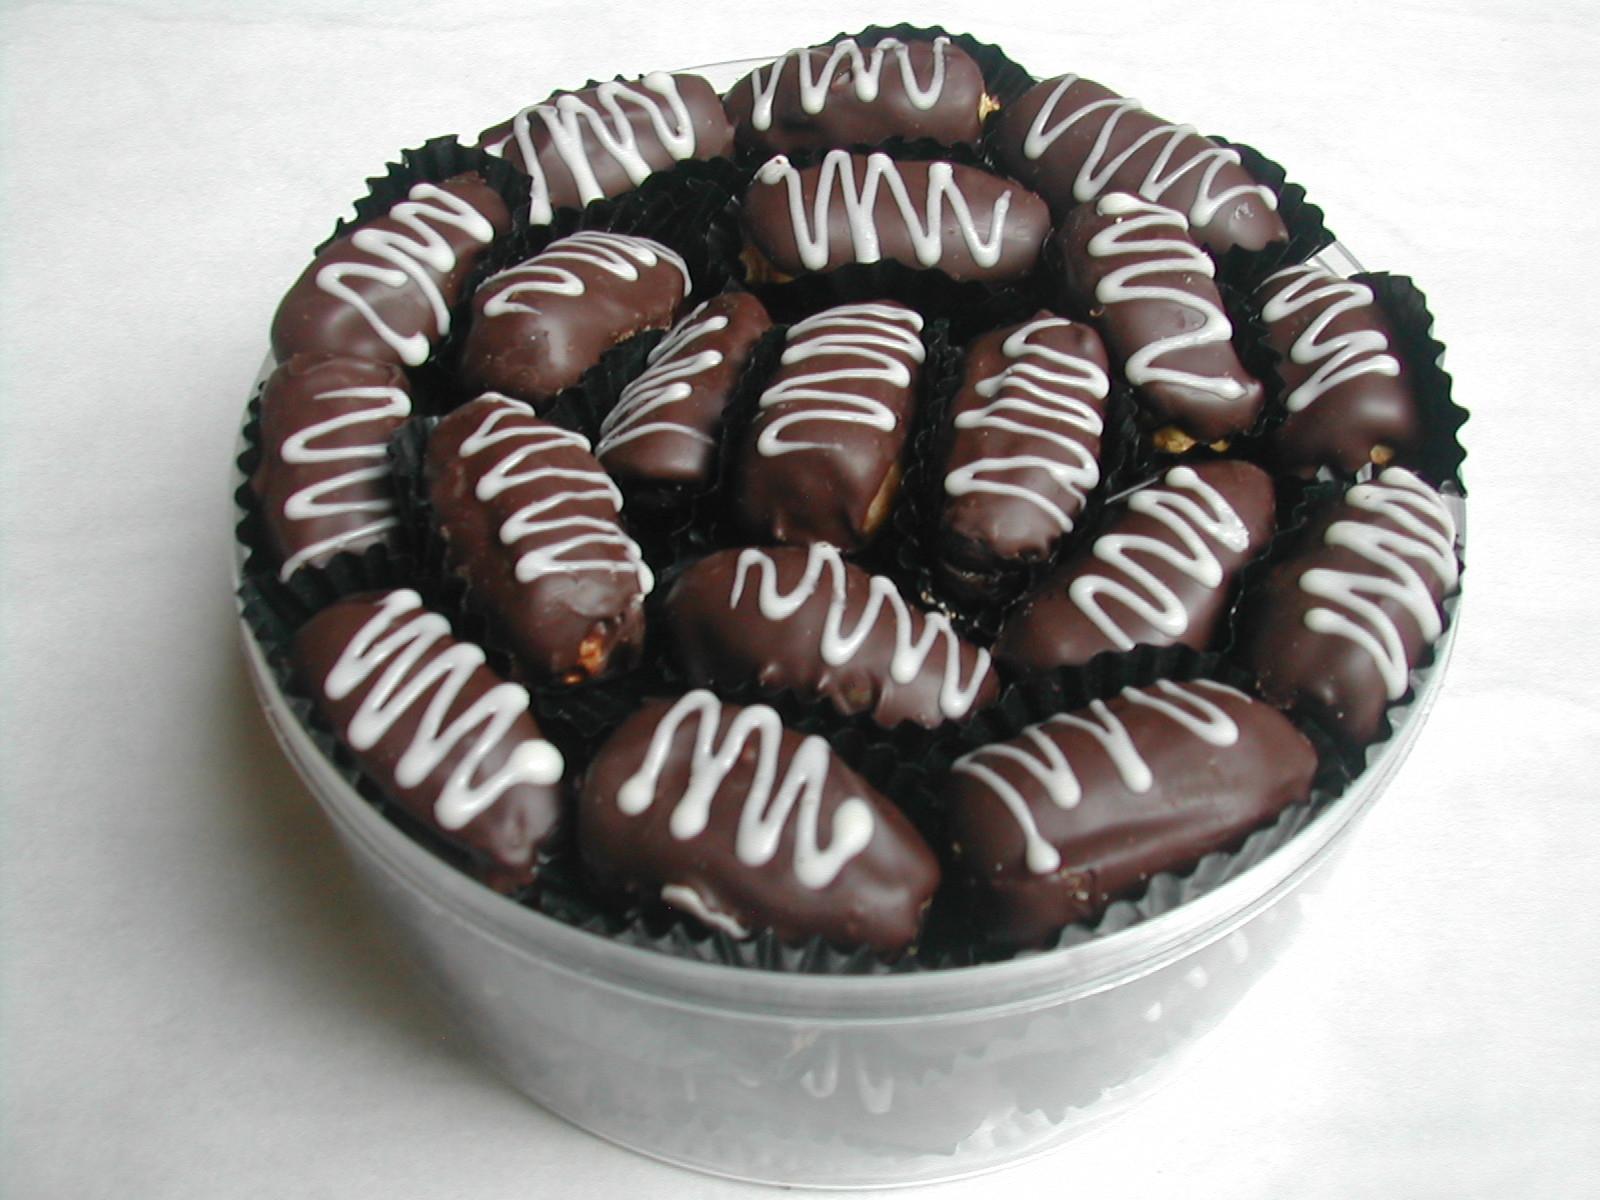 /2013/07/cara-membuat-kue-kering-coklat-resep-kue-kering-coklat.html